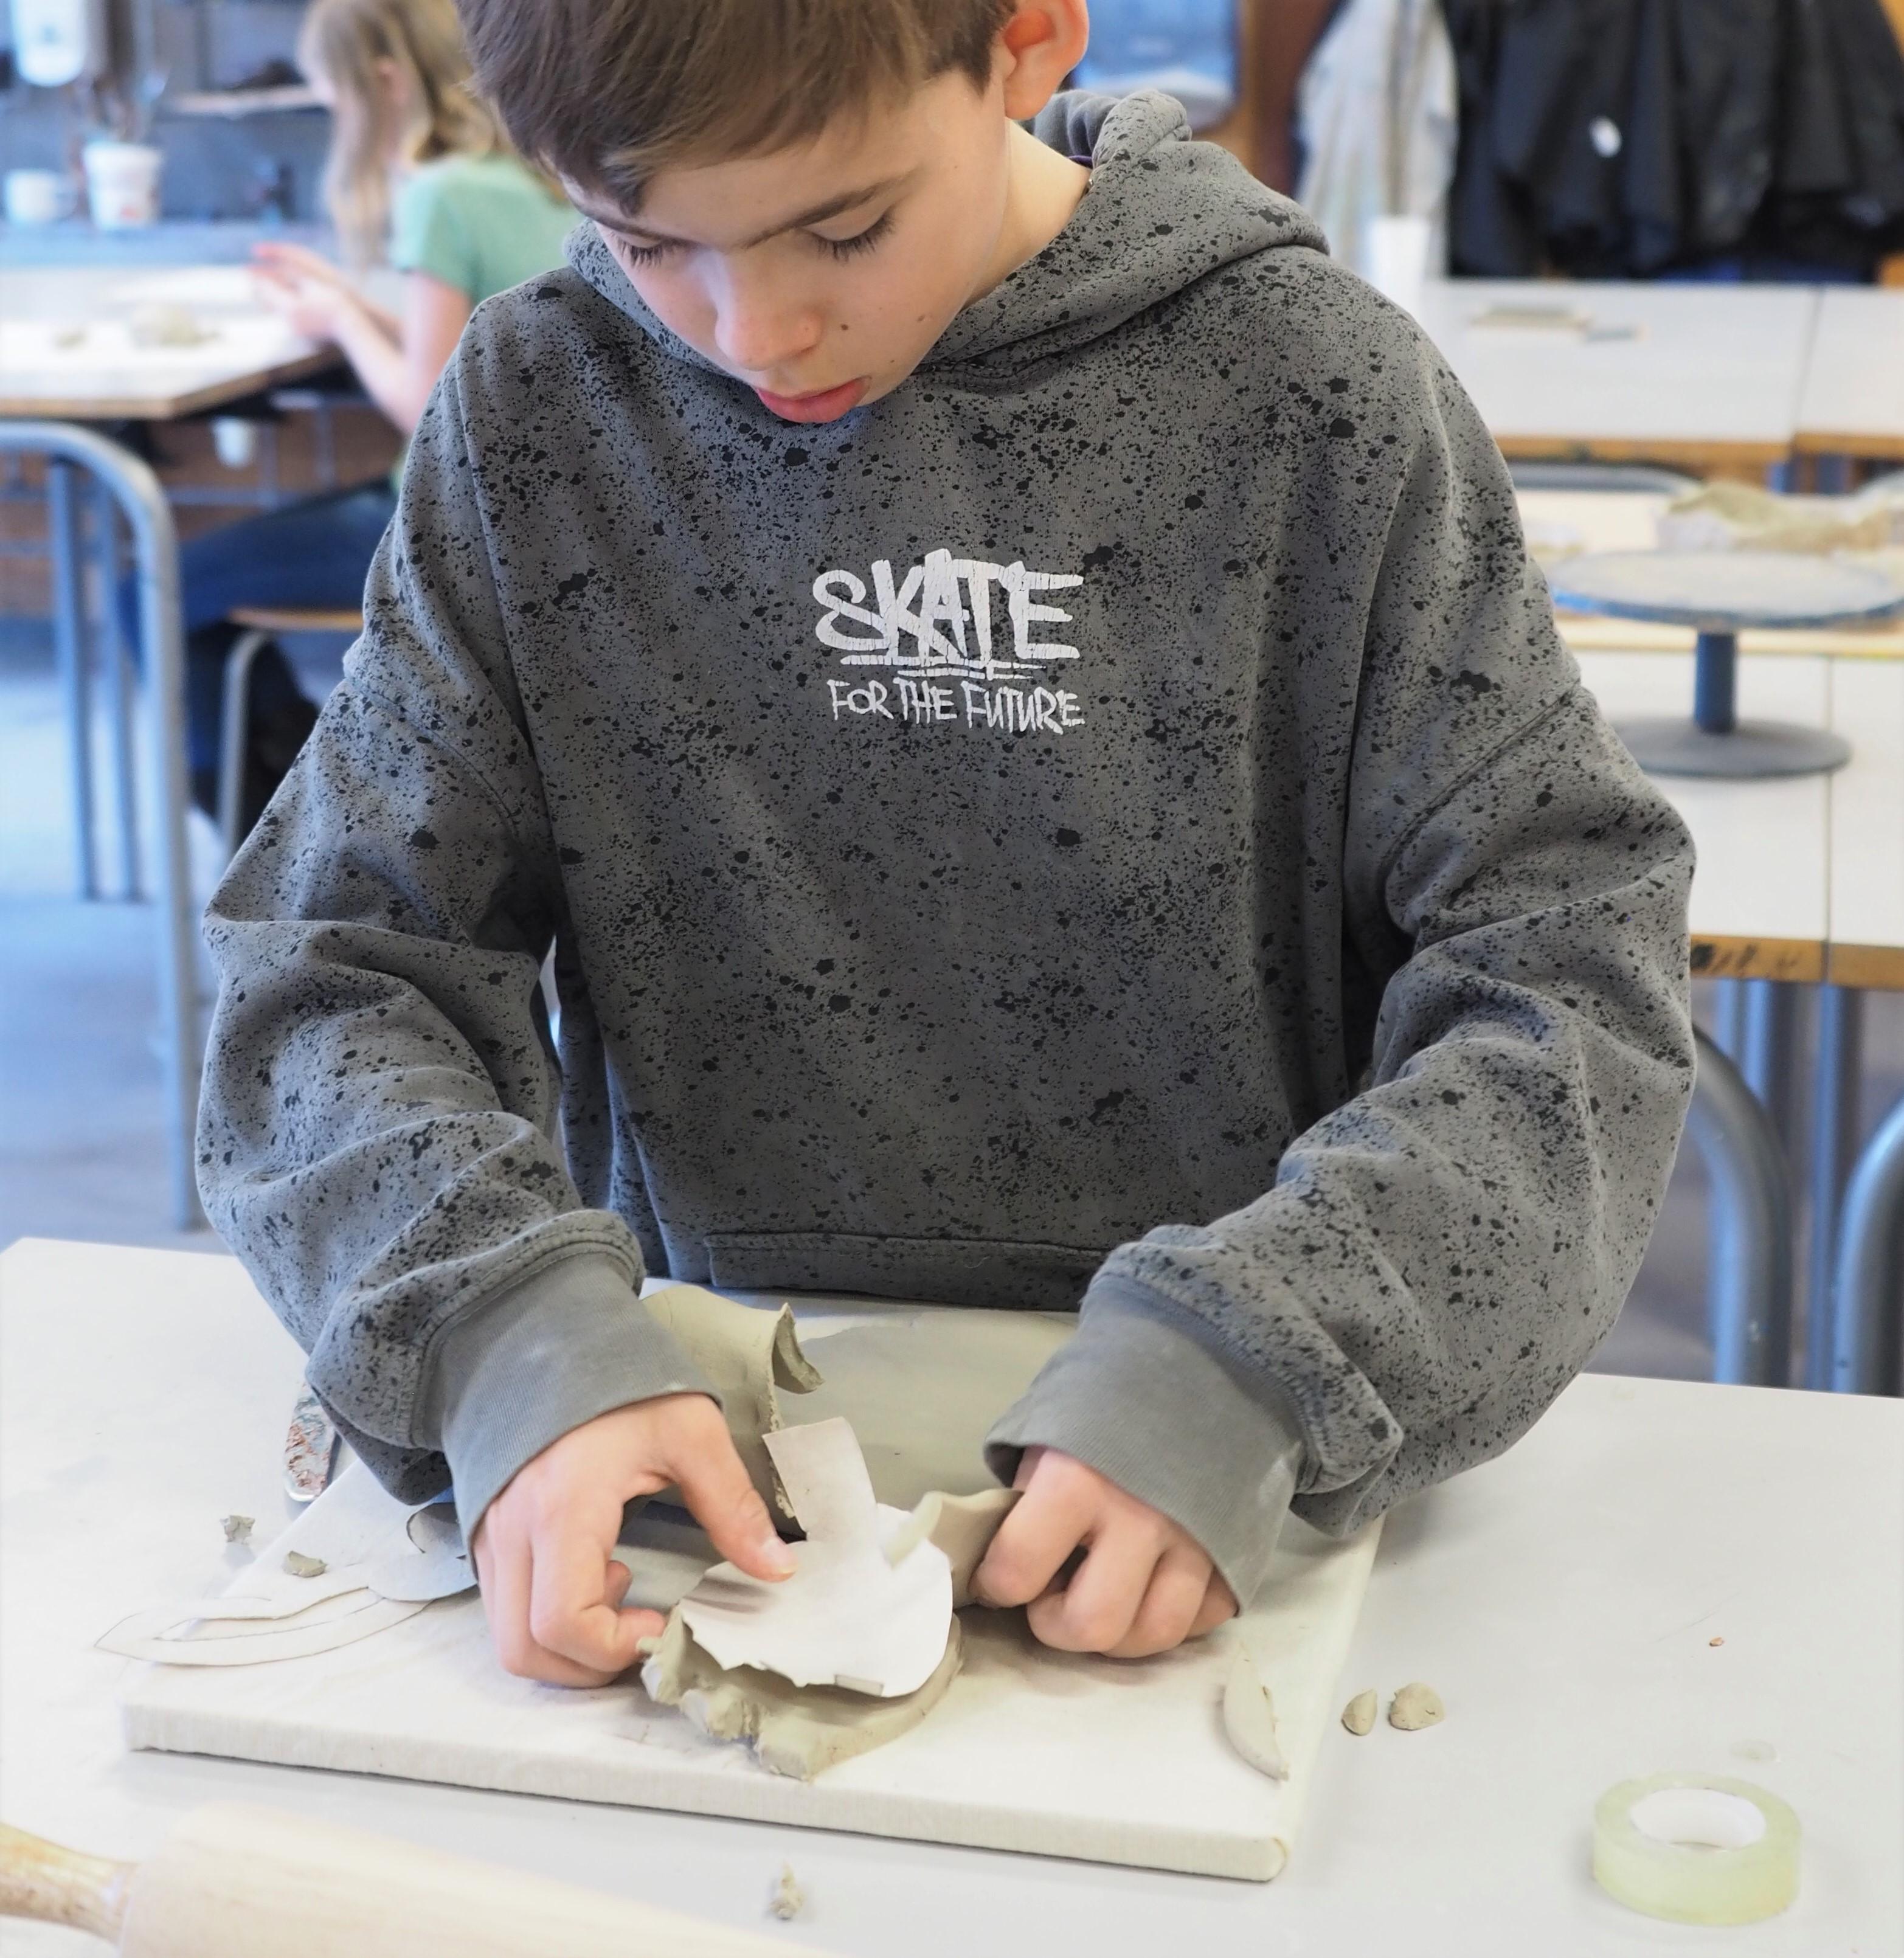 Keramik i Hånværk & design